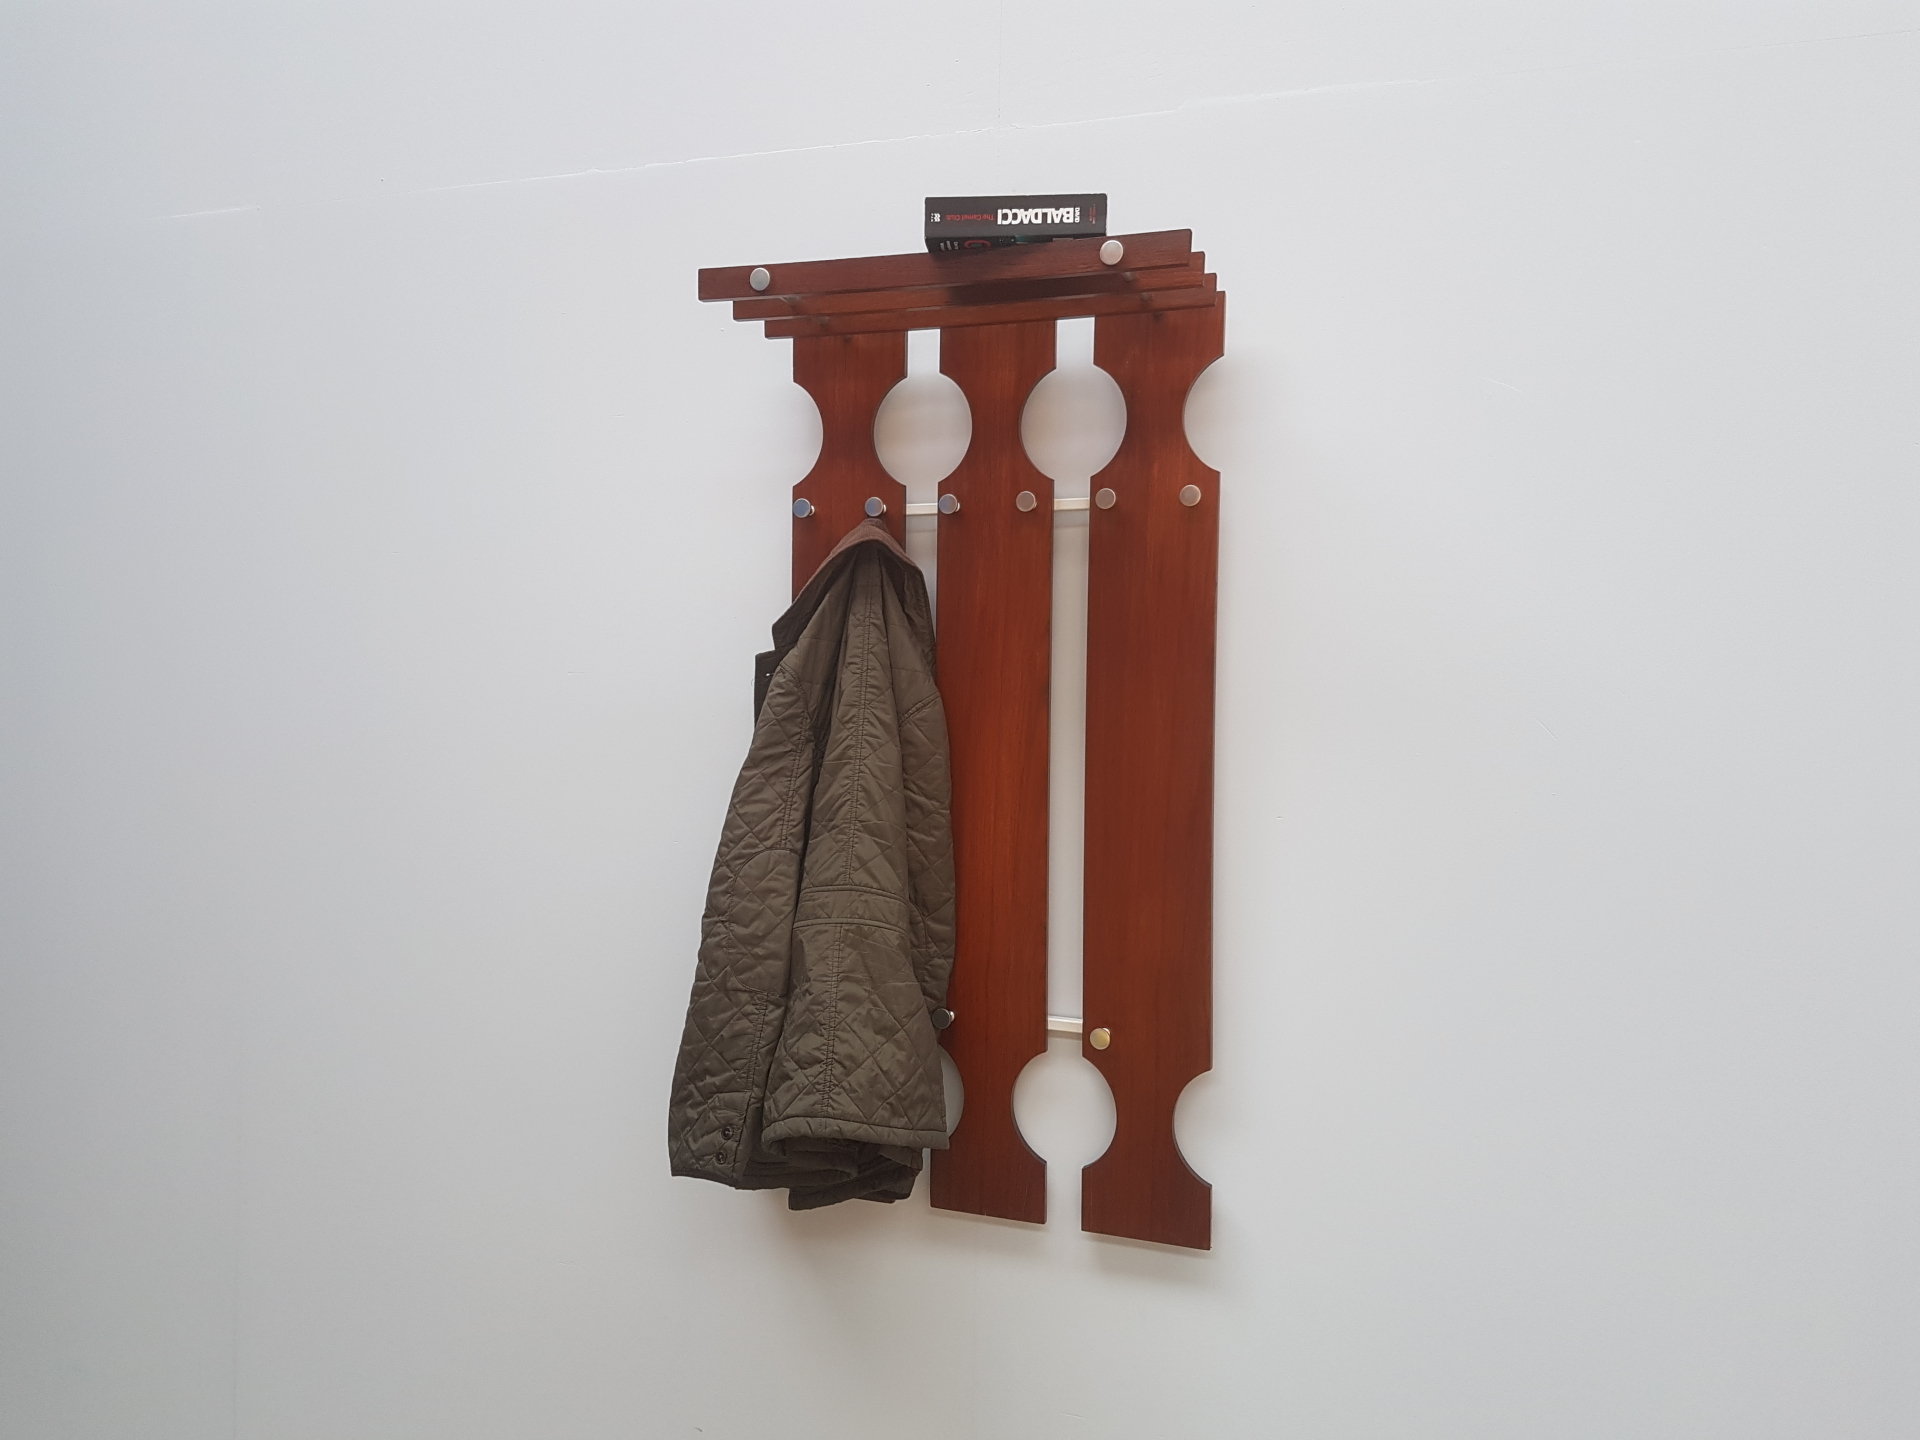 Vintage Teak Coat Hanger, Denmark 1960s